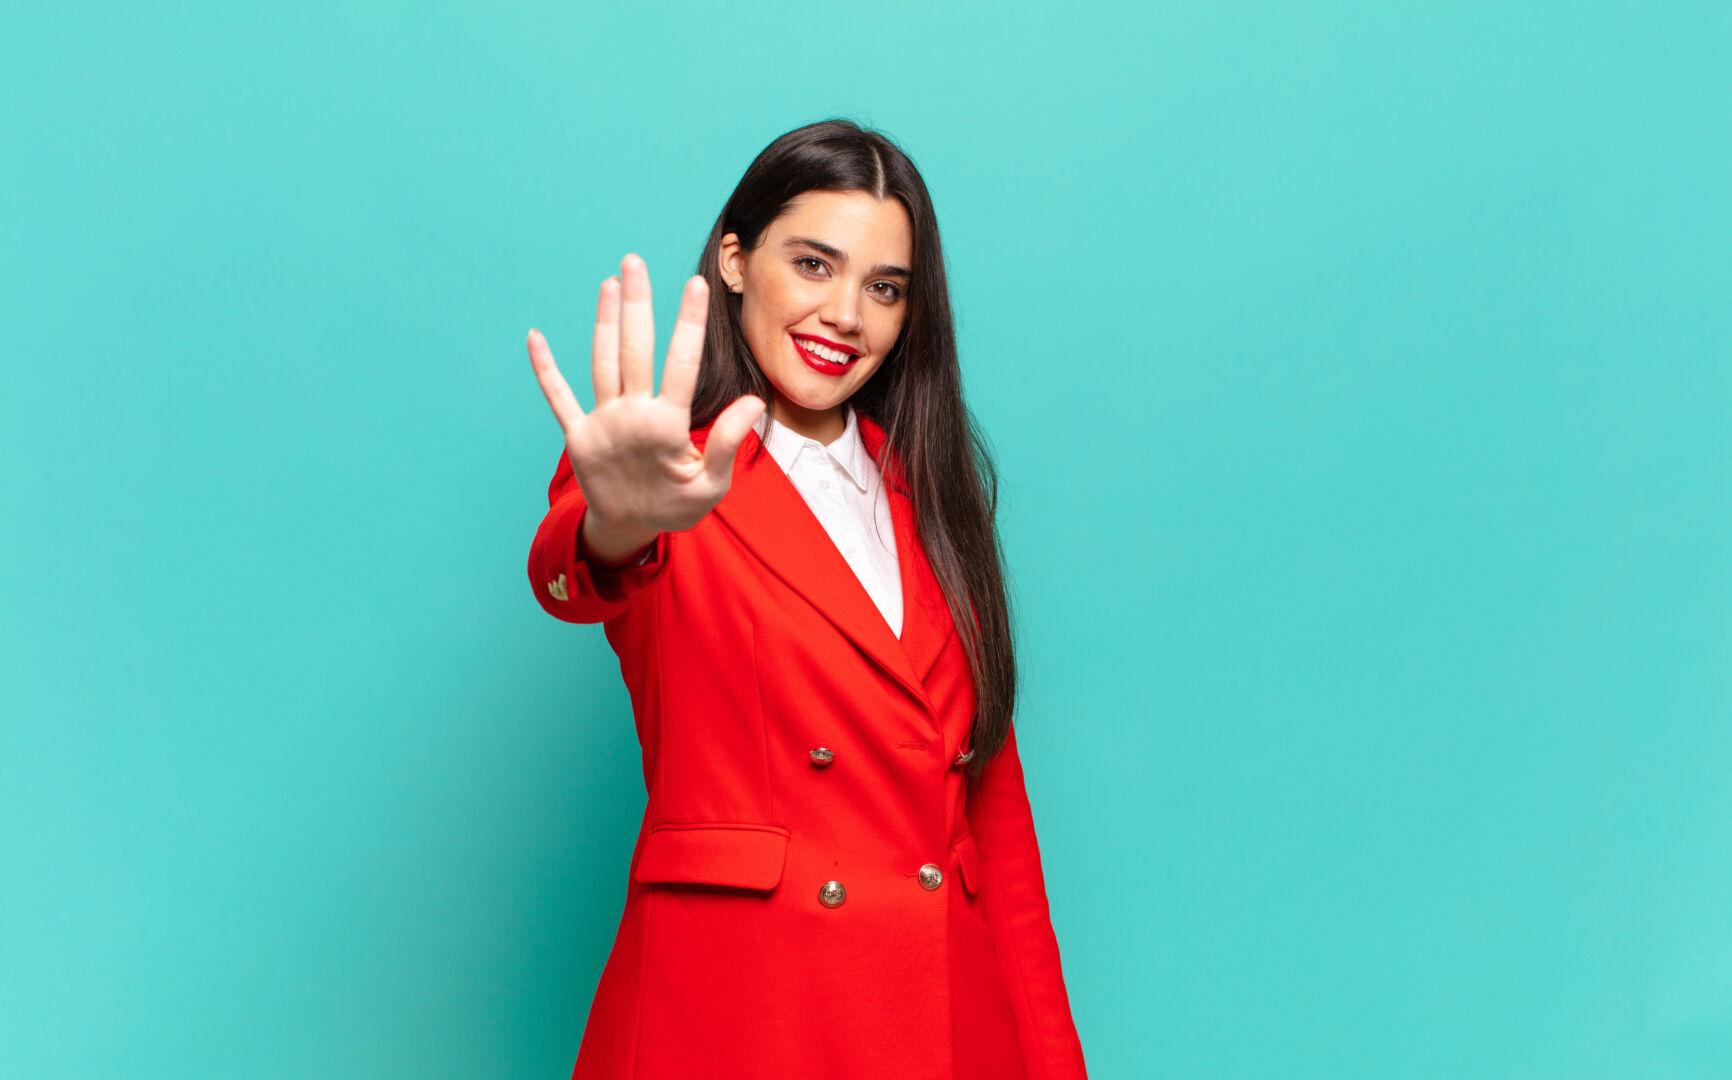 «5 erreurs à ne pas commettre en prospection», Sophie Chastanet, Coach commercial immobilier